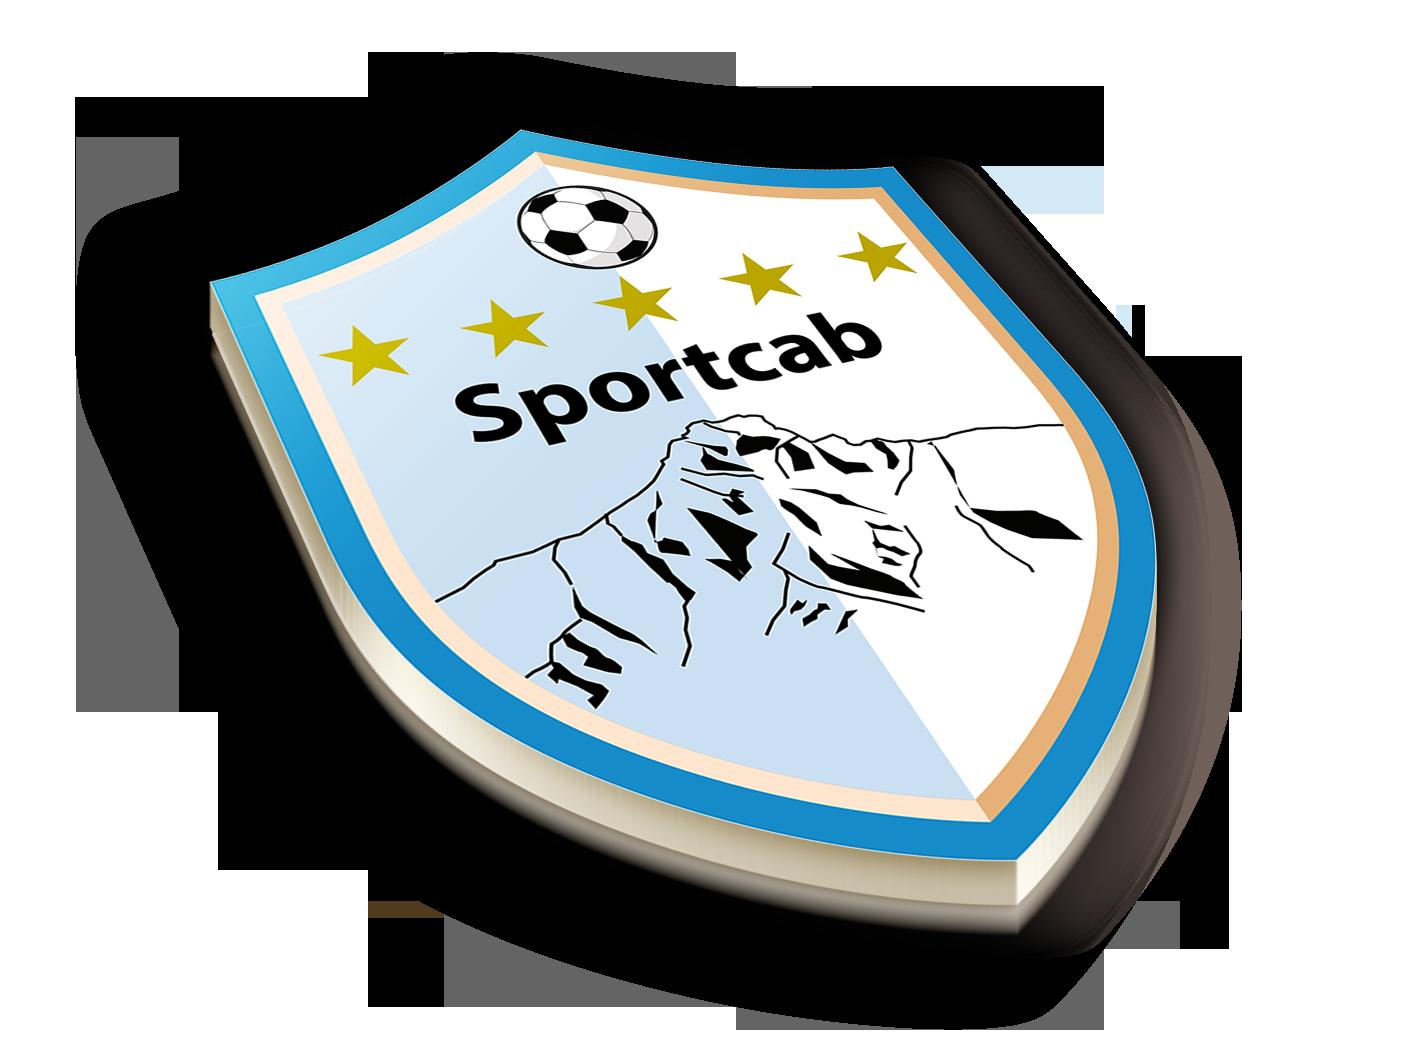 3D---Sporcab-Marbella-SPORTCAB